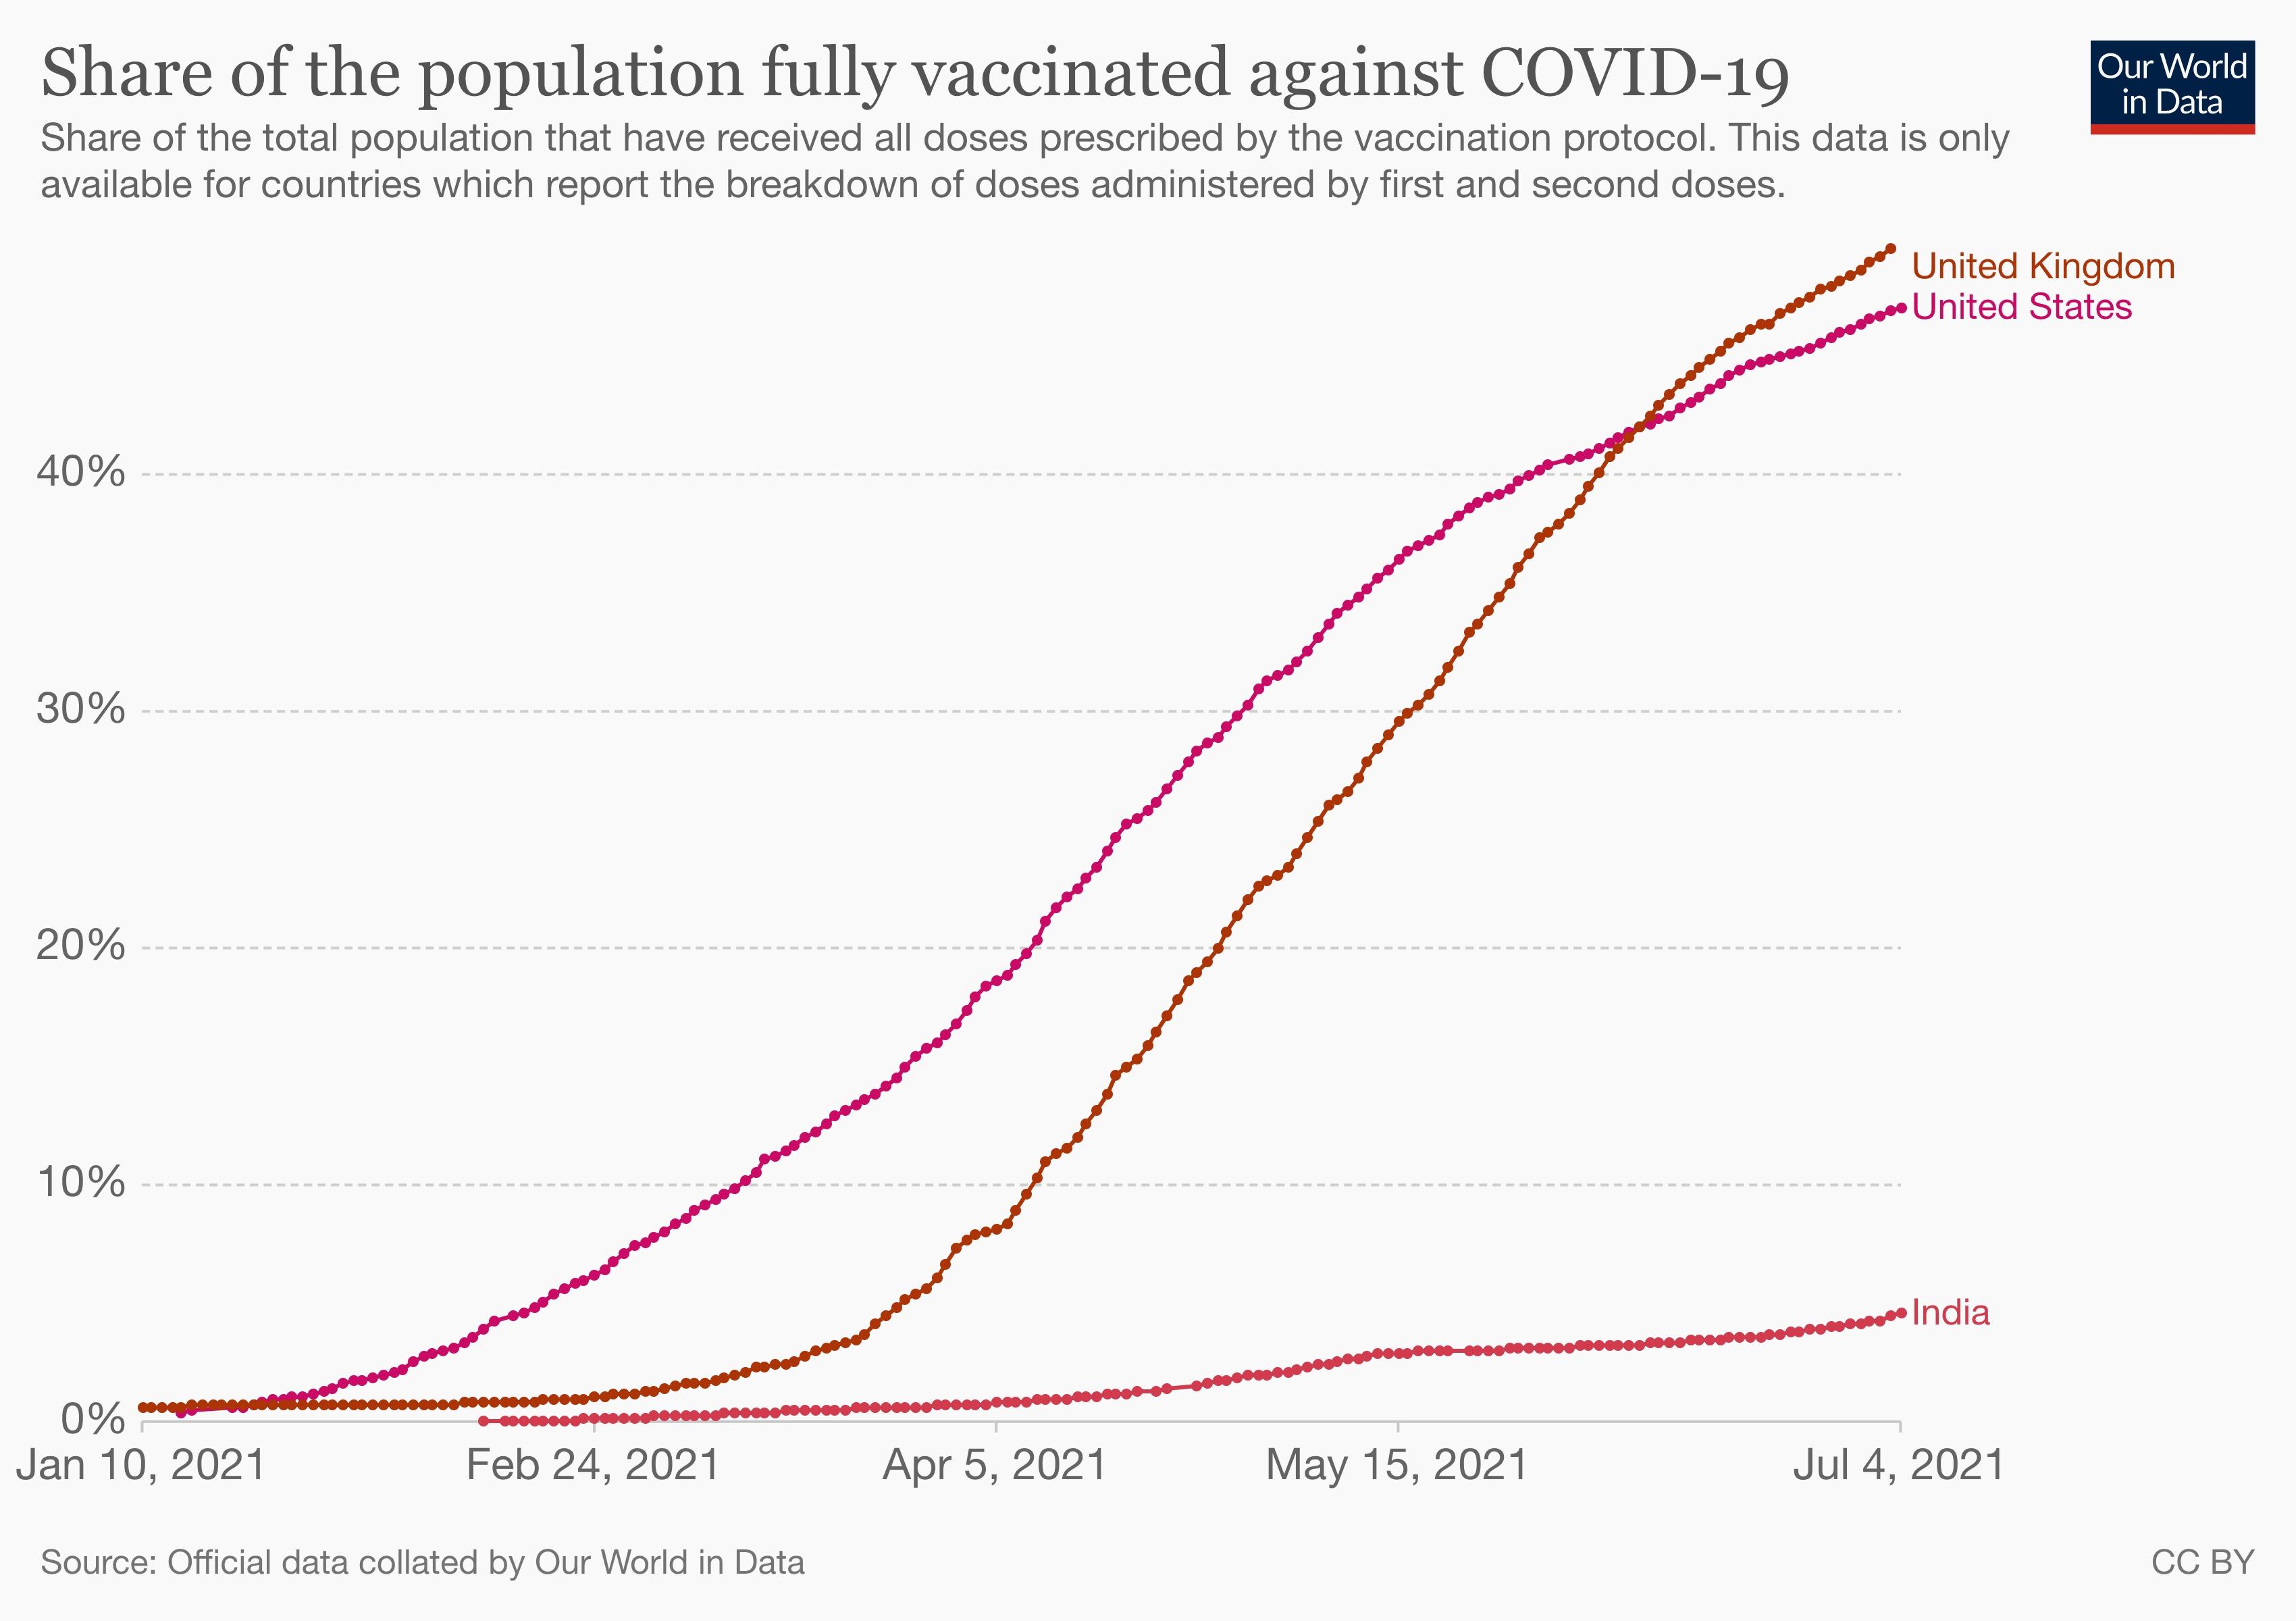 Proporção da população da Índia totalmente vacinada contra Covid-19.